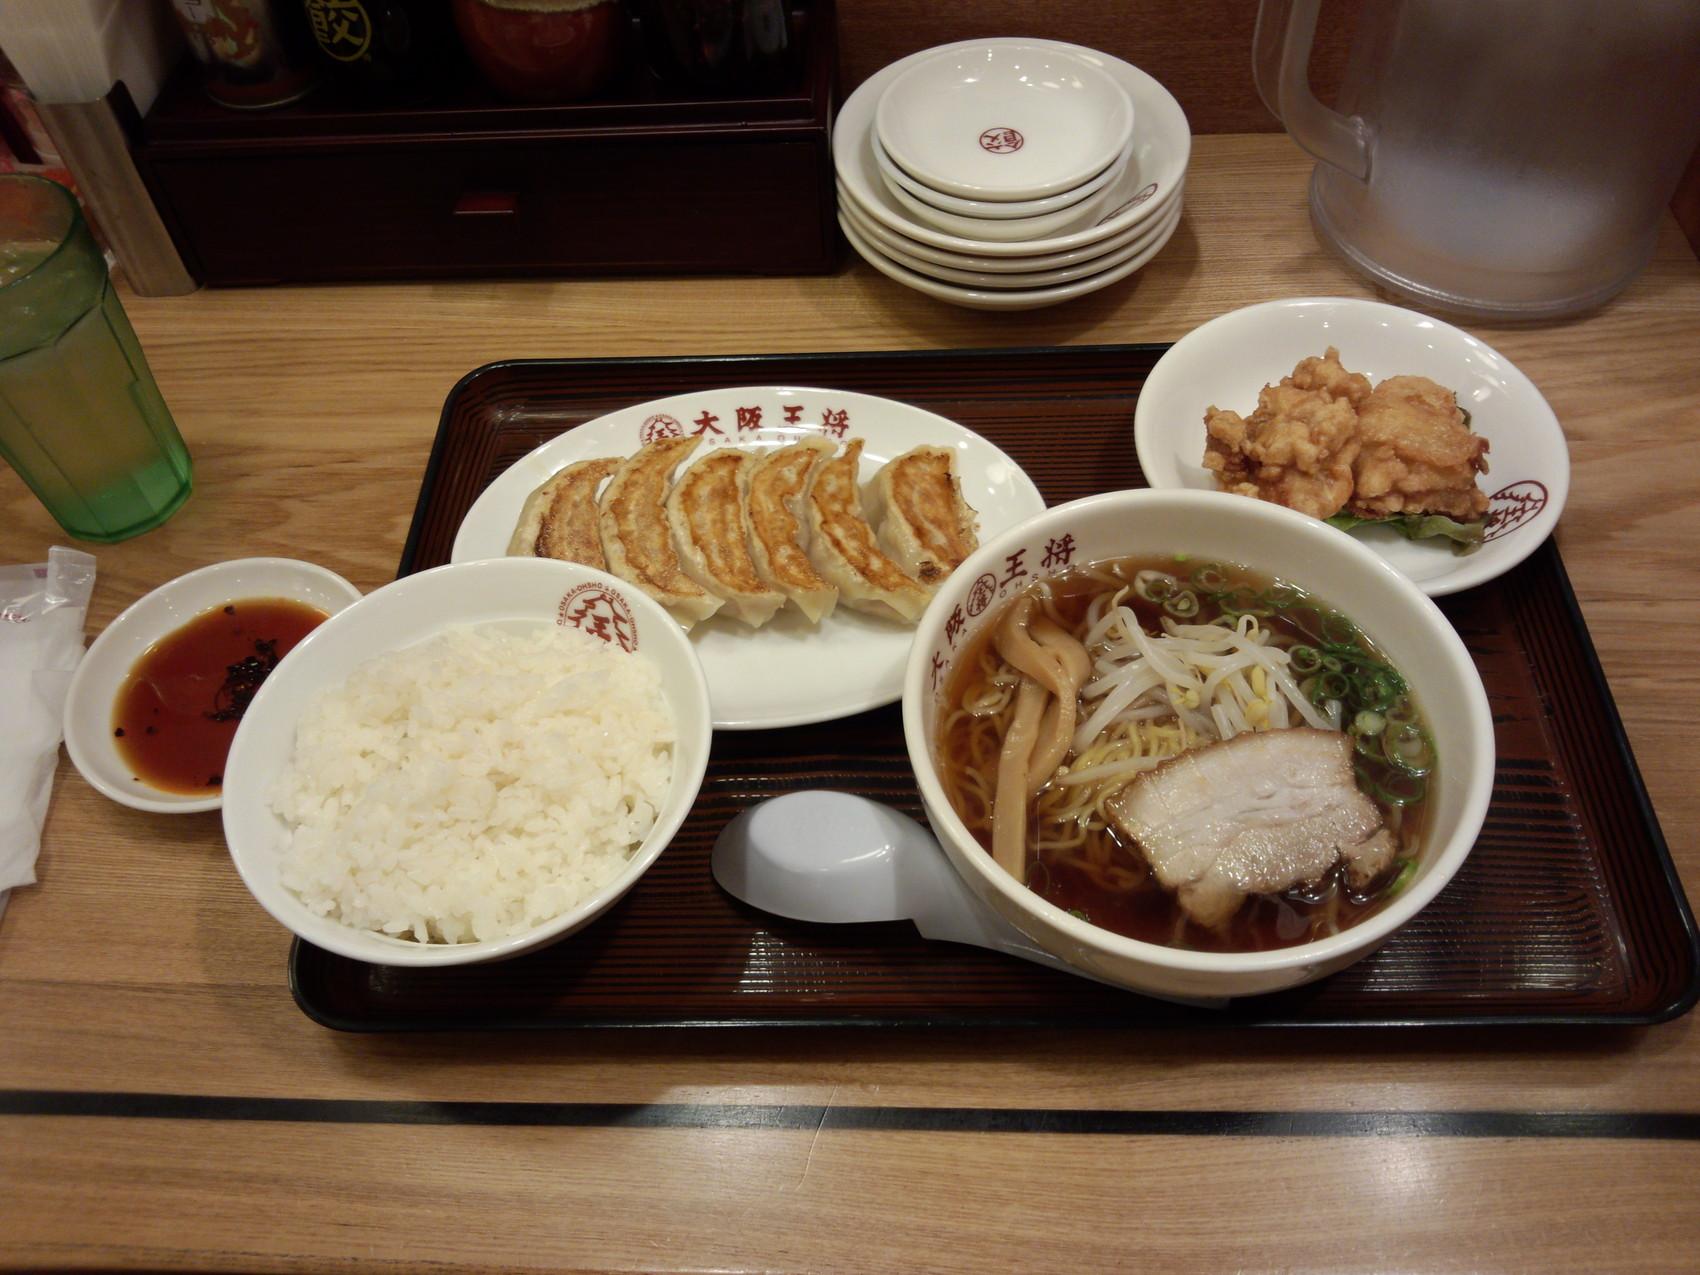 大阪王将 とれび天下茶屋店